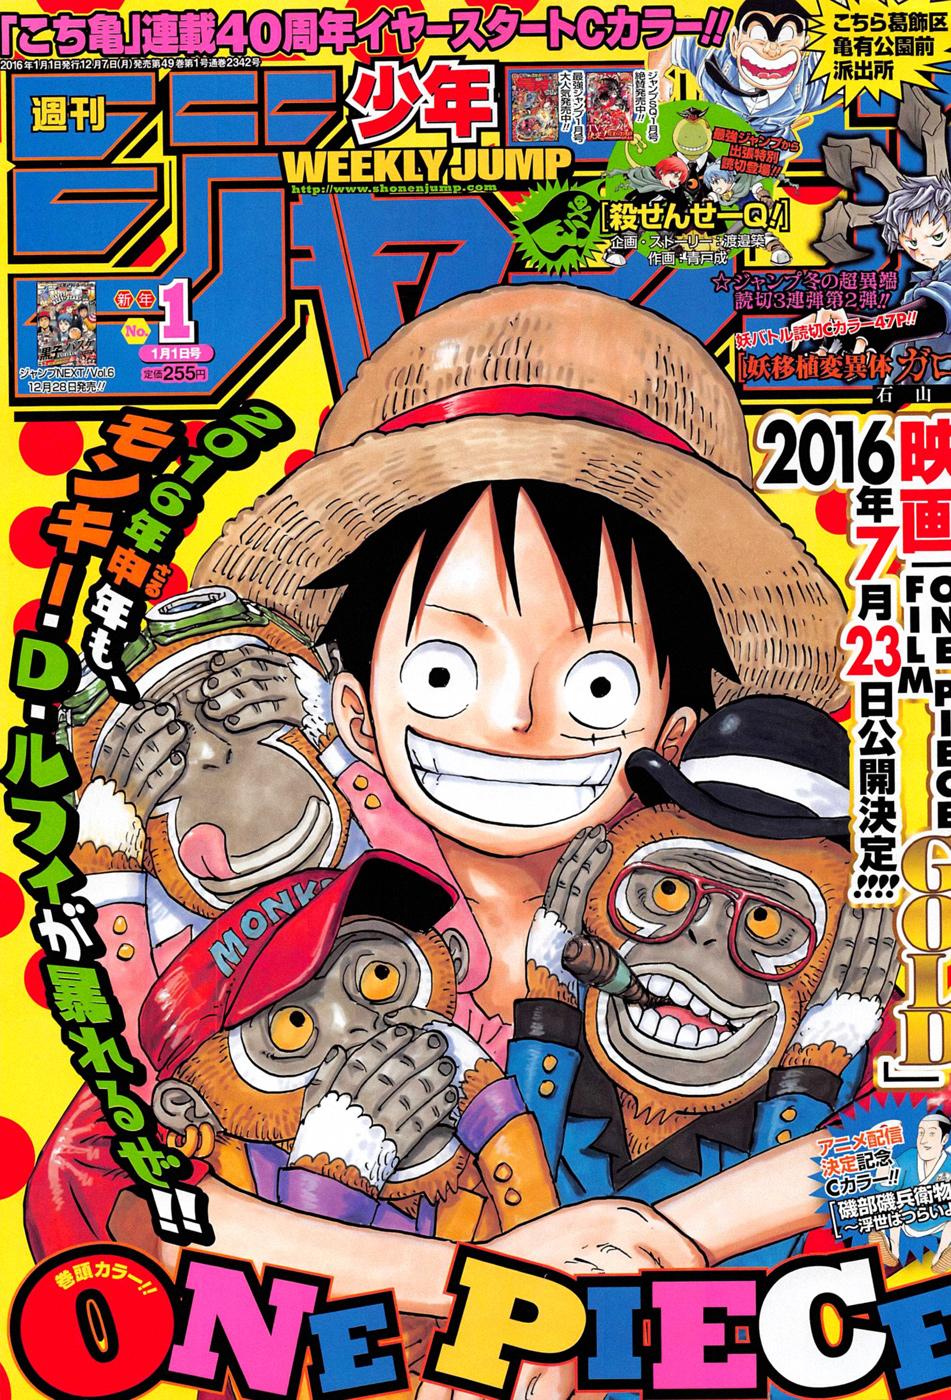 Weekly Shonen Jump Shokugeki No Souma Special Announcement on December 14